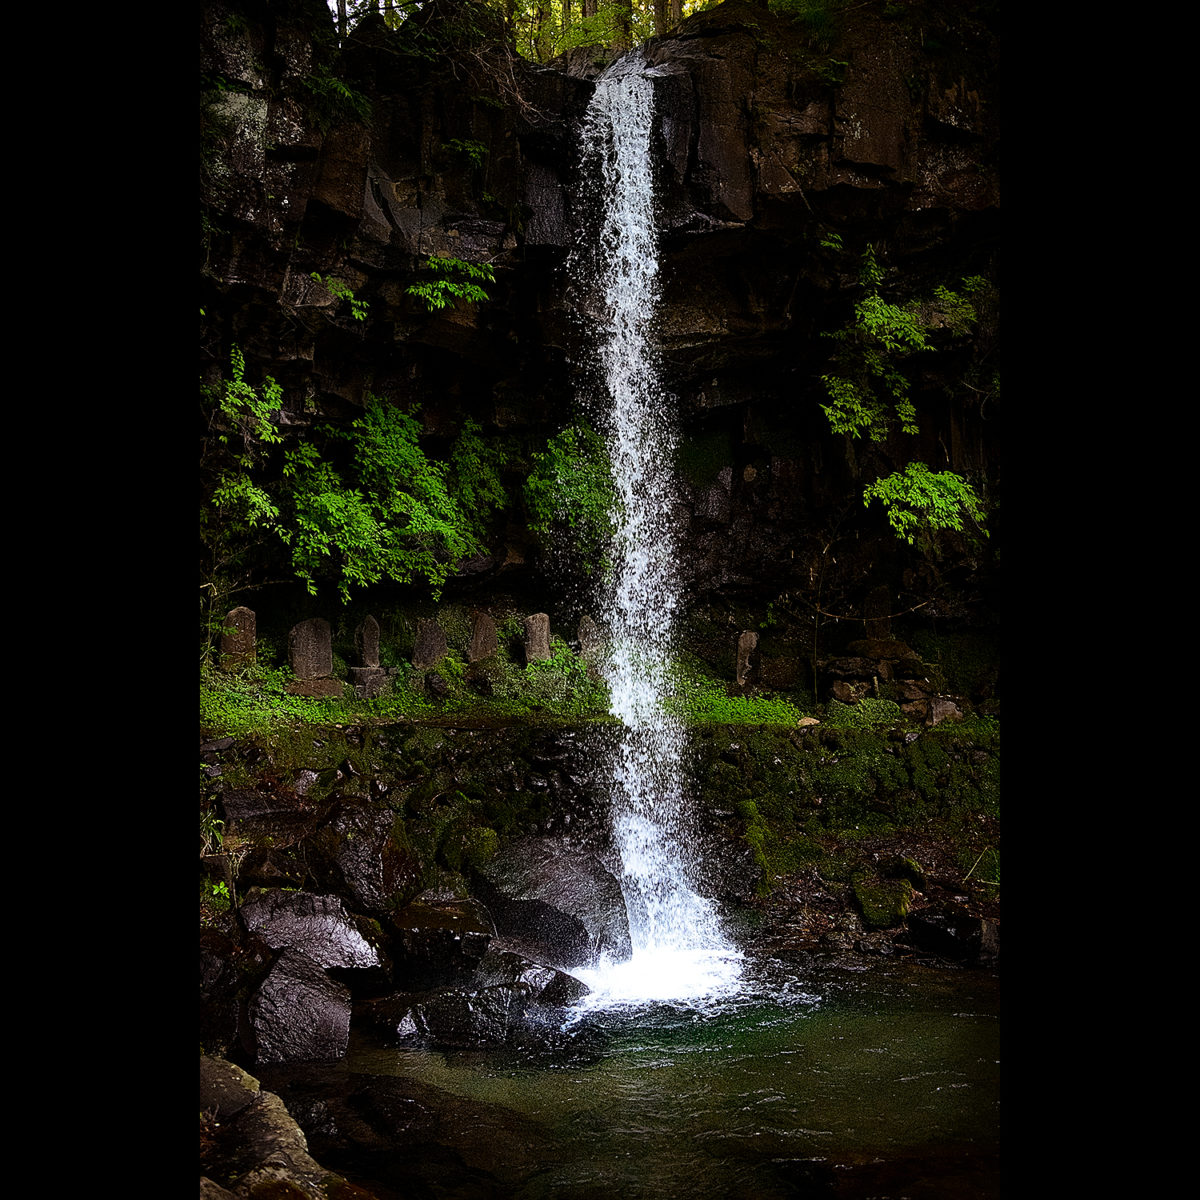 通常のシャッター速度の写真、仙ケ滝